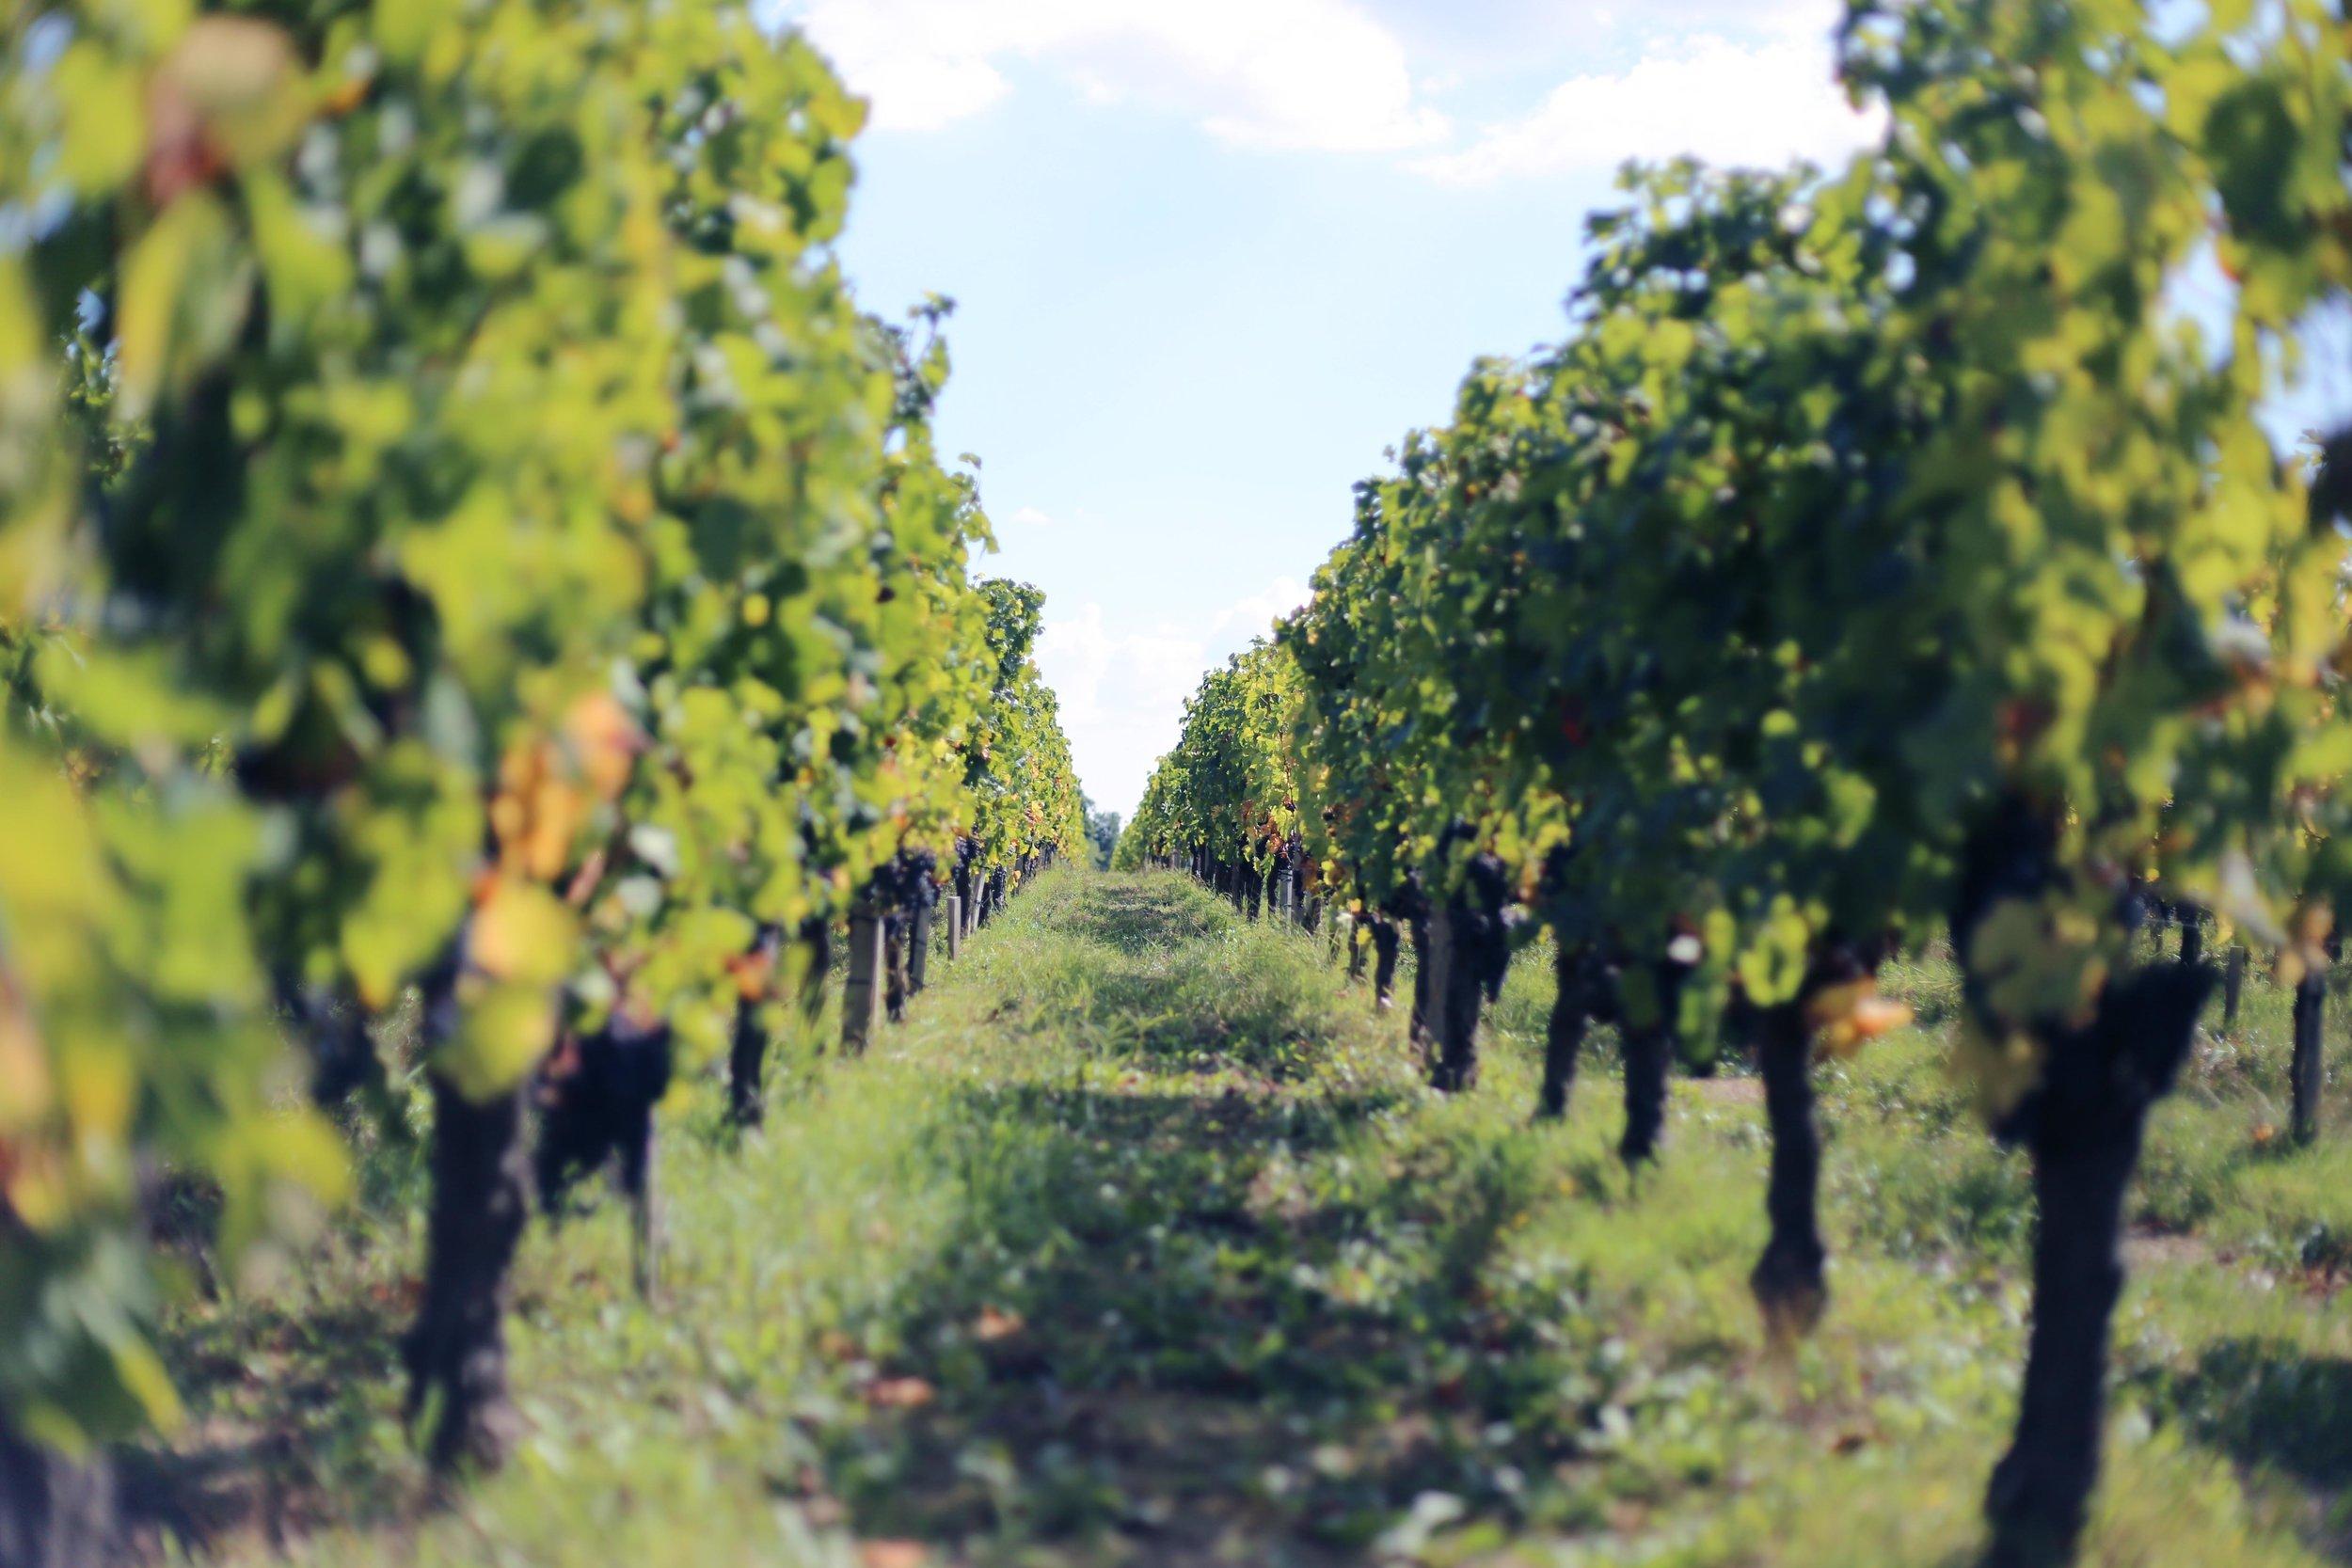 bordauex wineyard.JPG